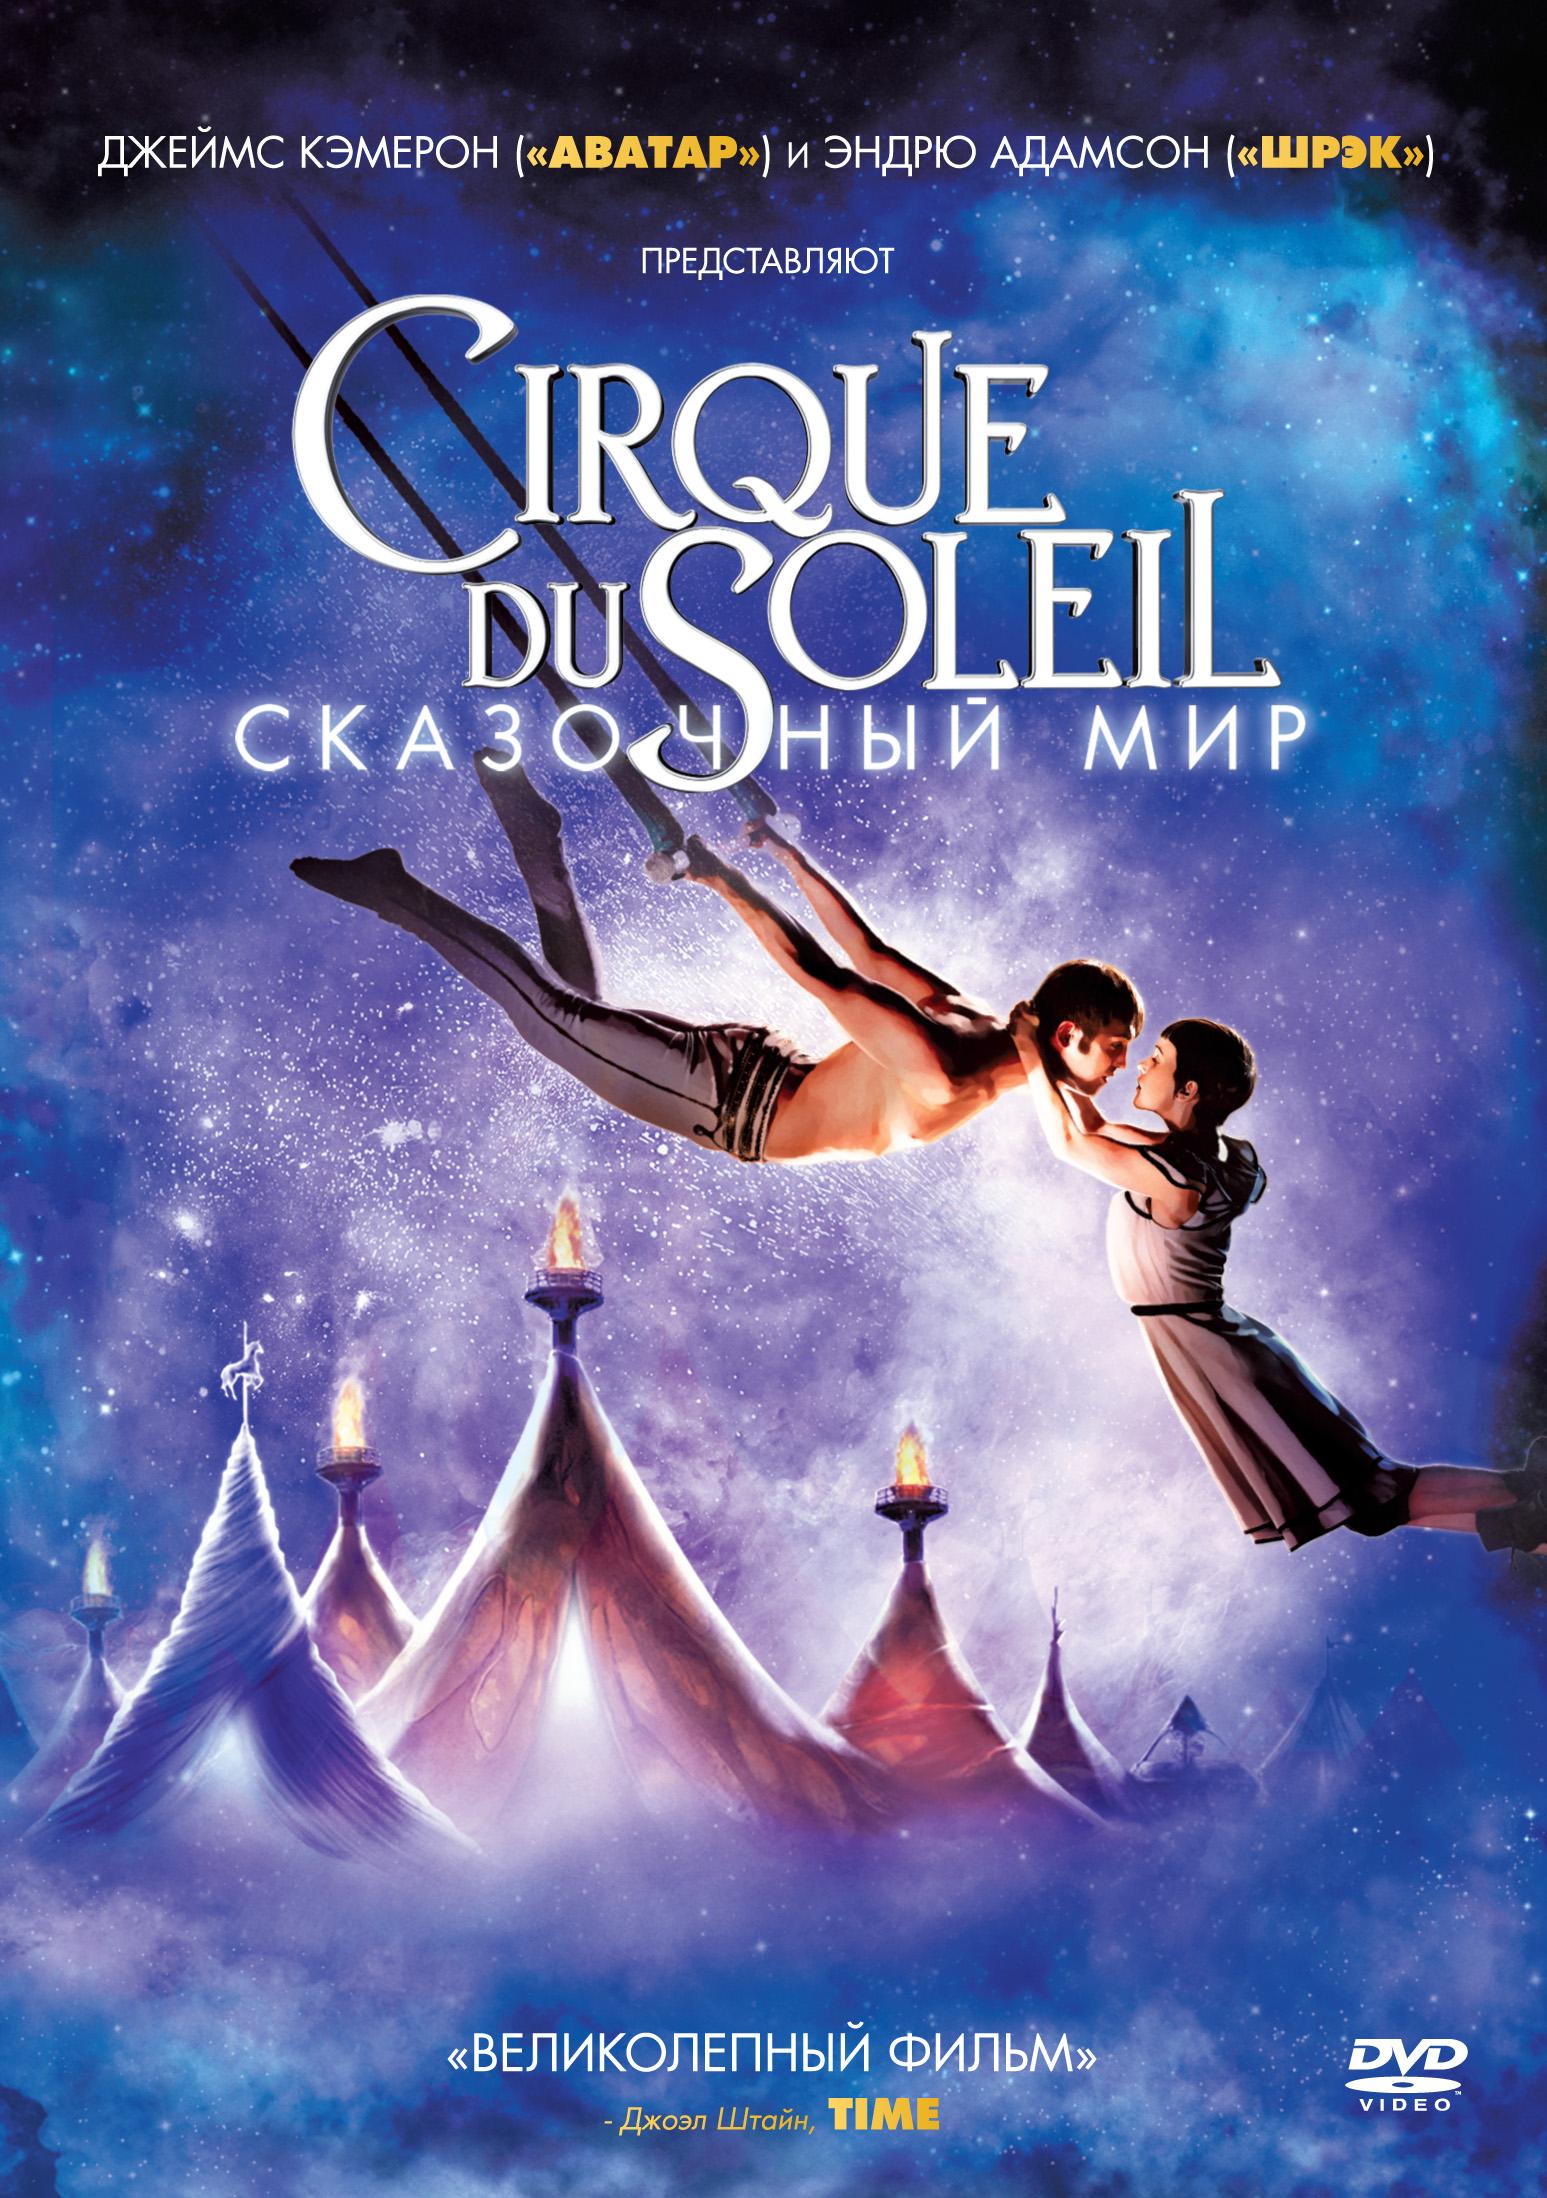 Цирк дю солей 9 фотография